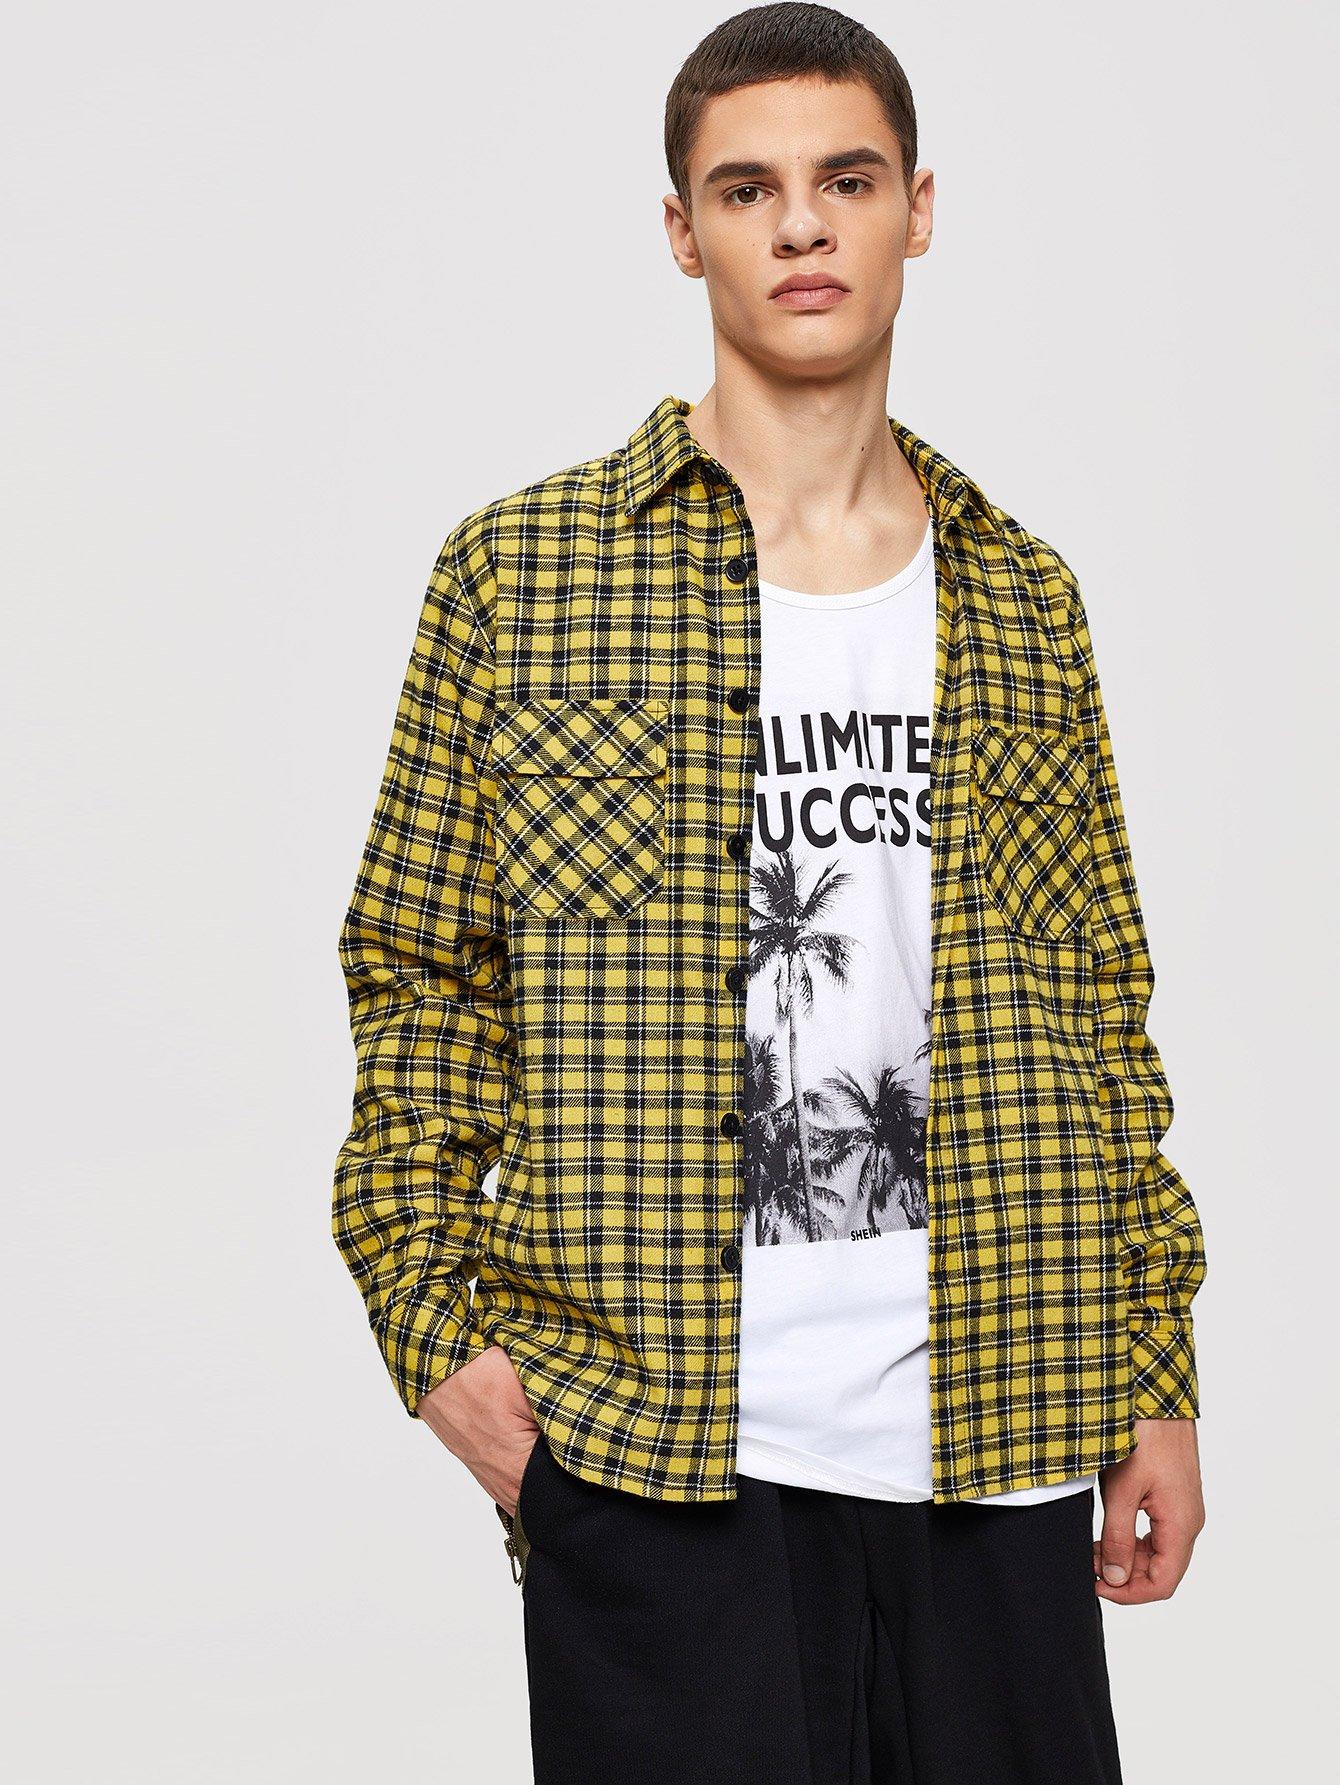 Купить Мужская карманная рубашка с плакированной рубашкой, Bono, SheIn